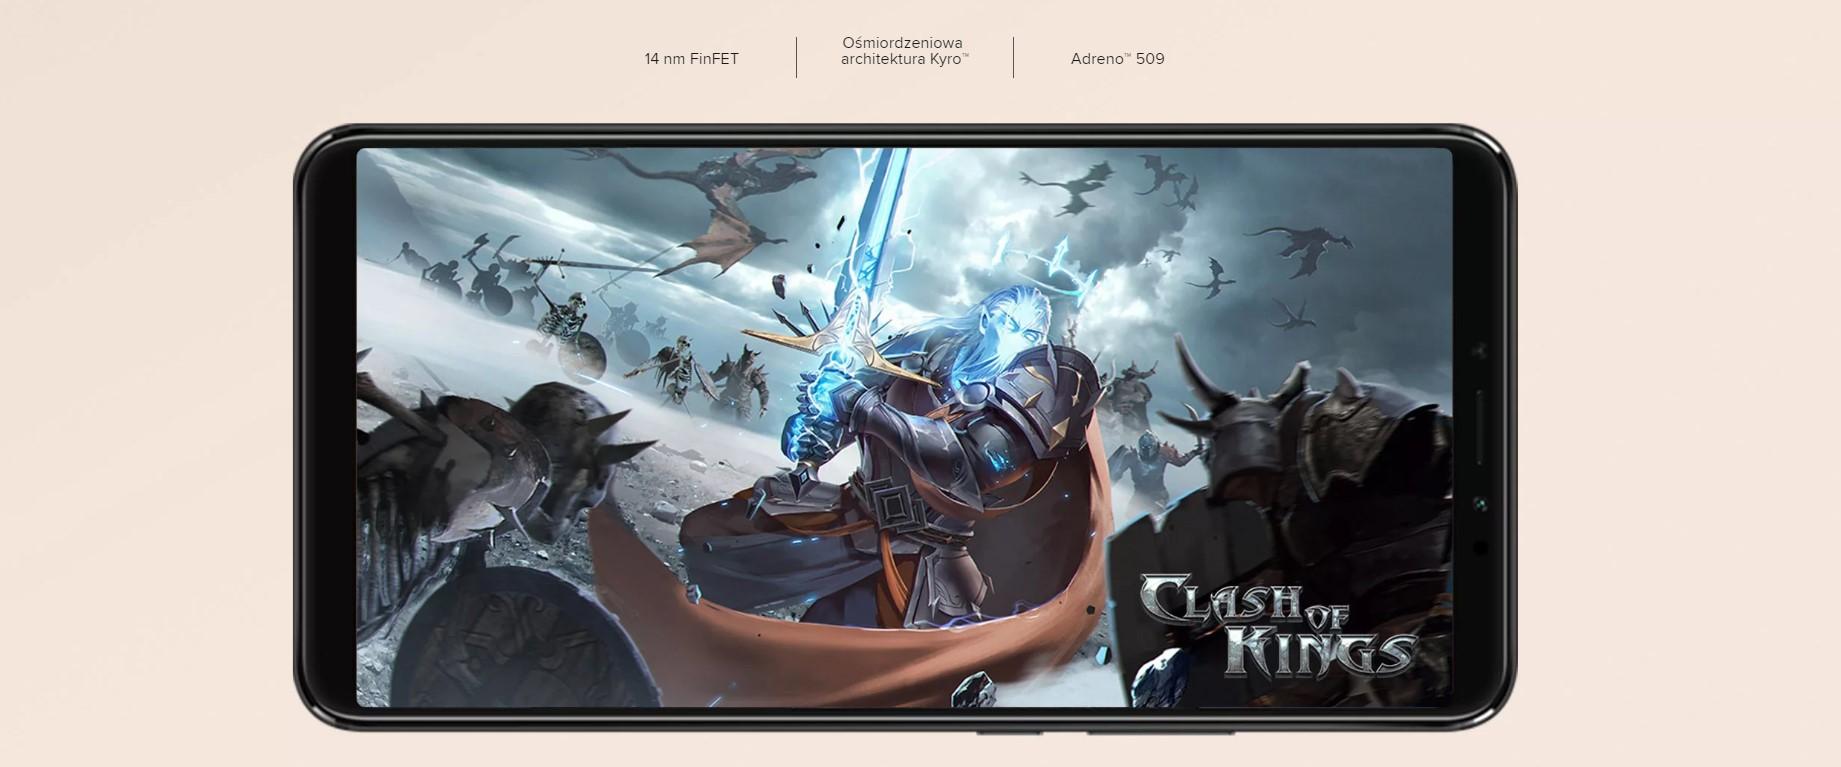 Xiaomi gierki